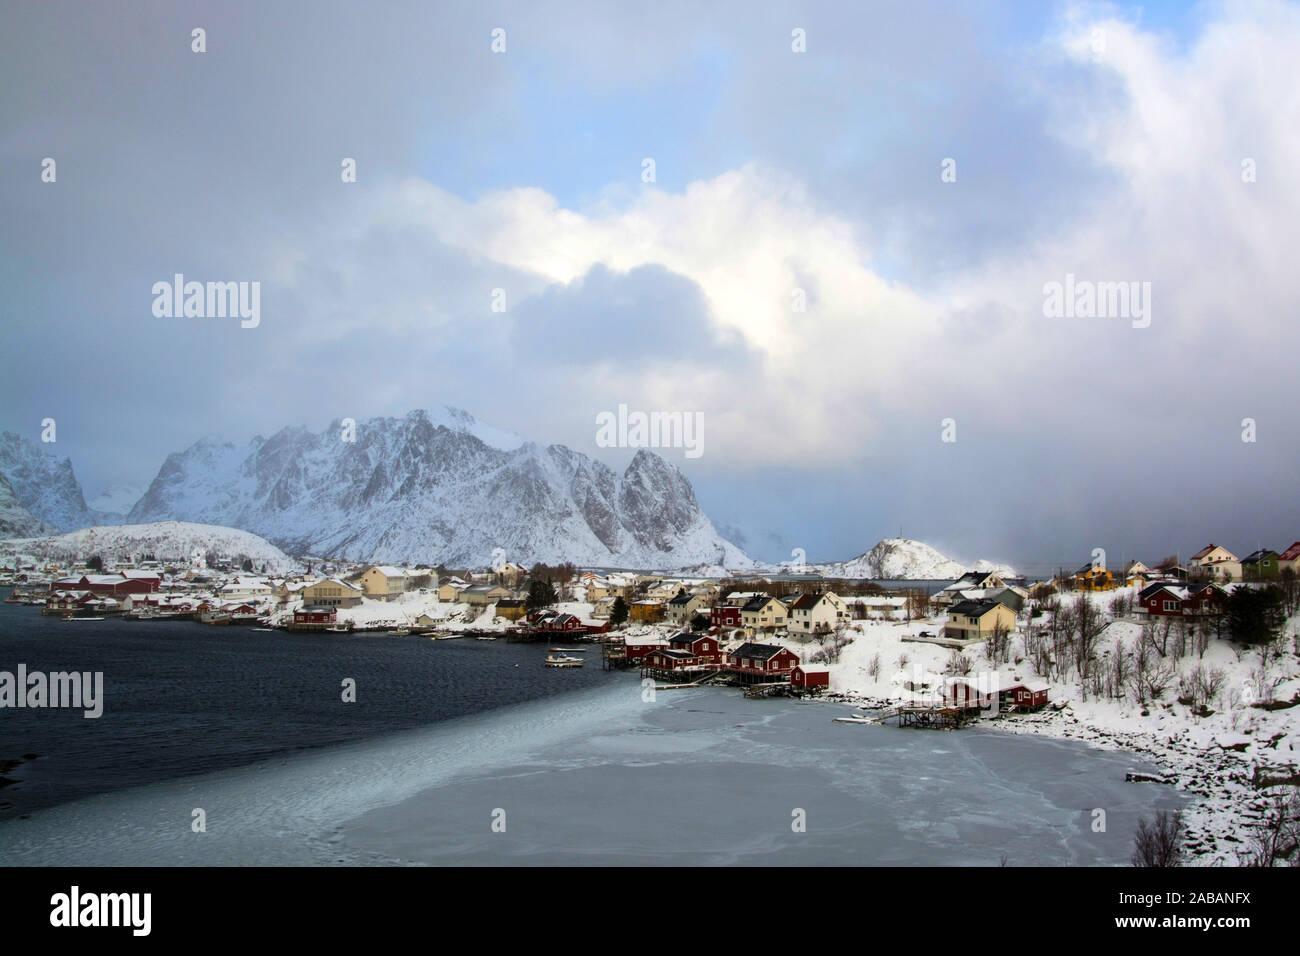 Reine auf den Lofoten mittags an einem Wintertag, Norwegen. Stock Photo